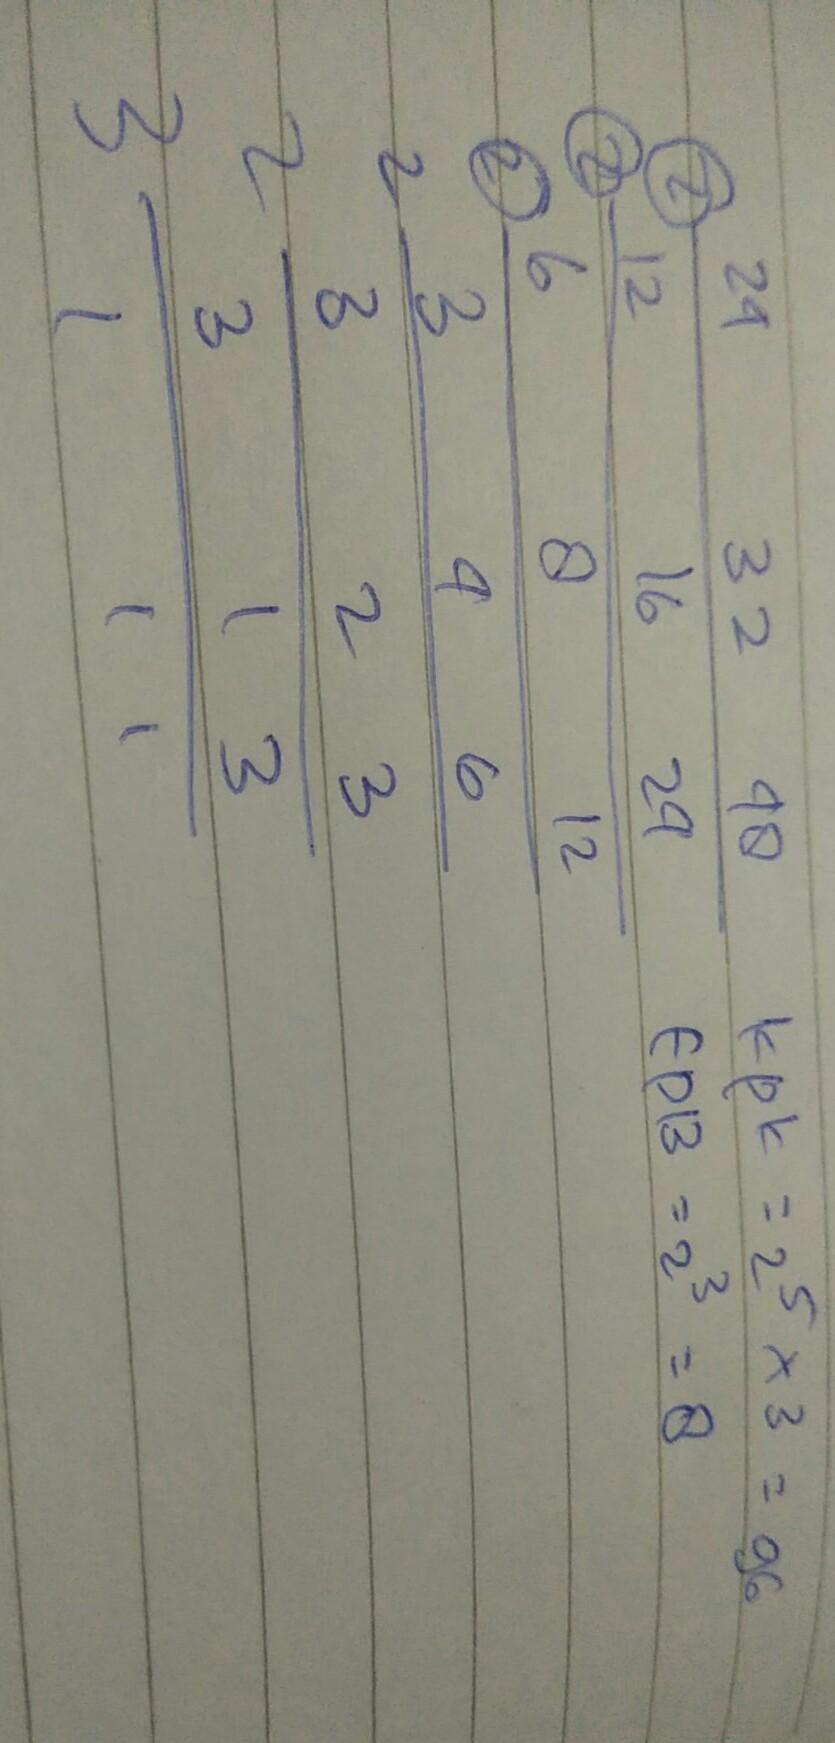 KPK dan FPB dari 24,32,dan 48 adalah - Brainly.co.id